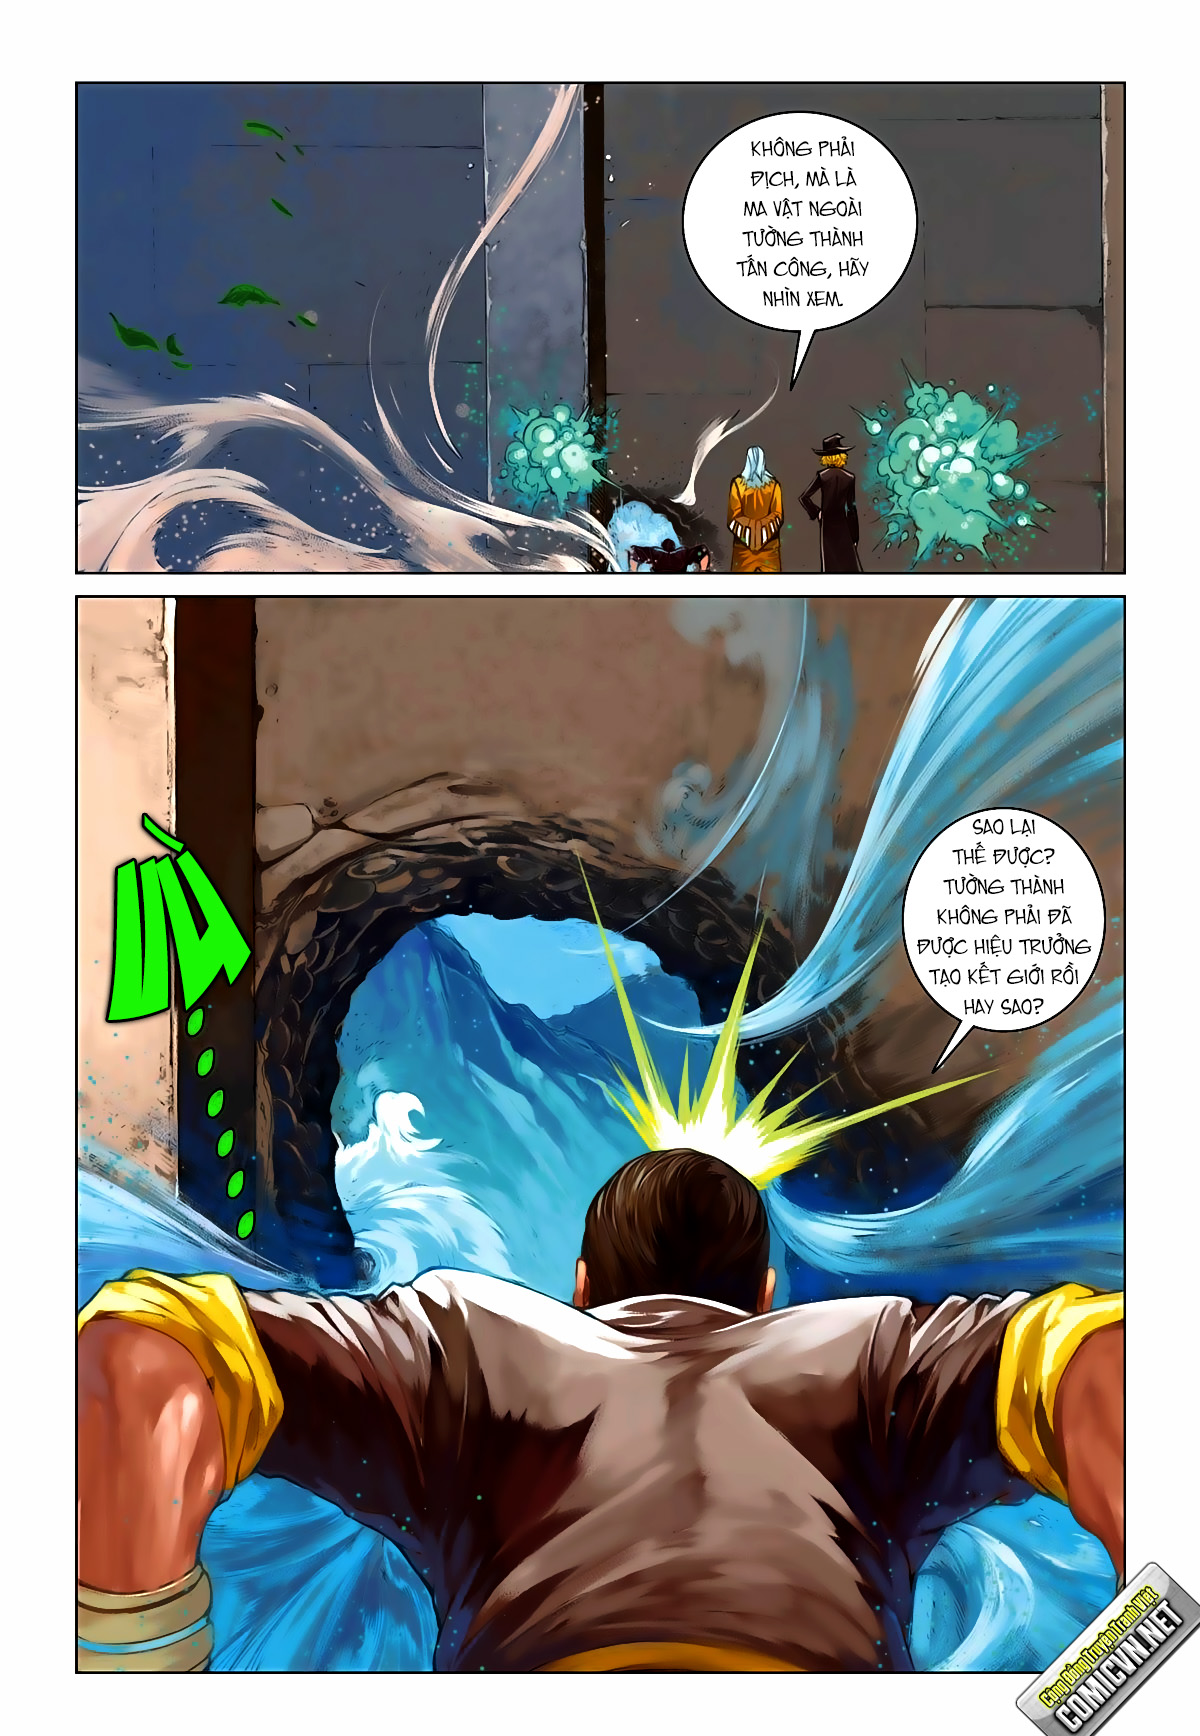 xem truyen moi - BRON OF BRAVE (Tái Tạo Không Gian) - Chapter 13: Xâm nhập